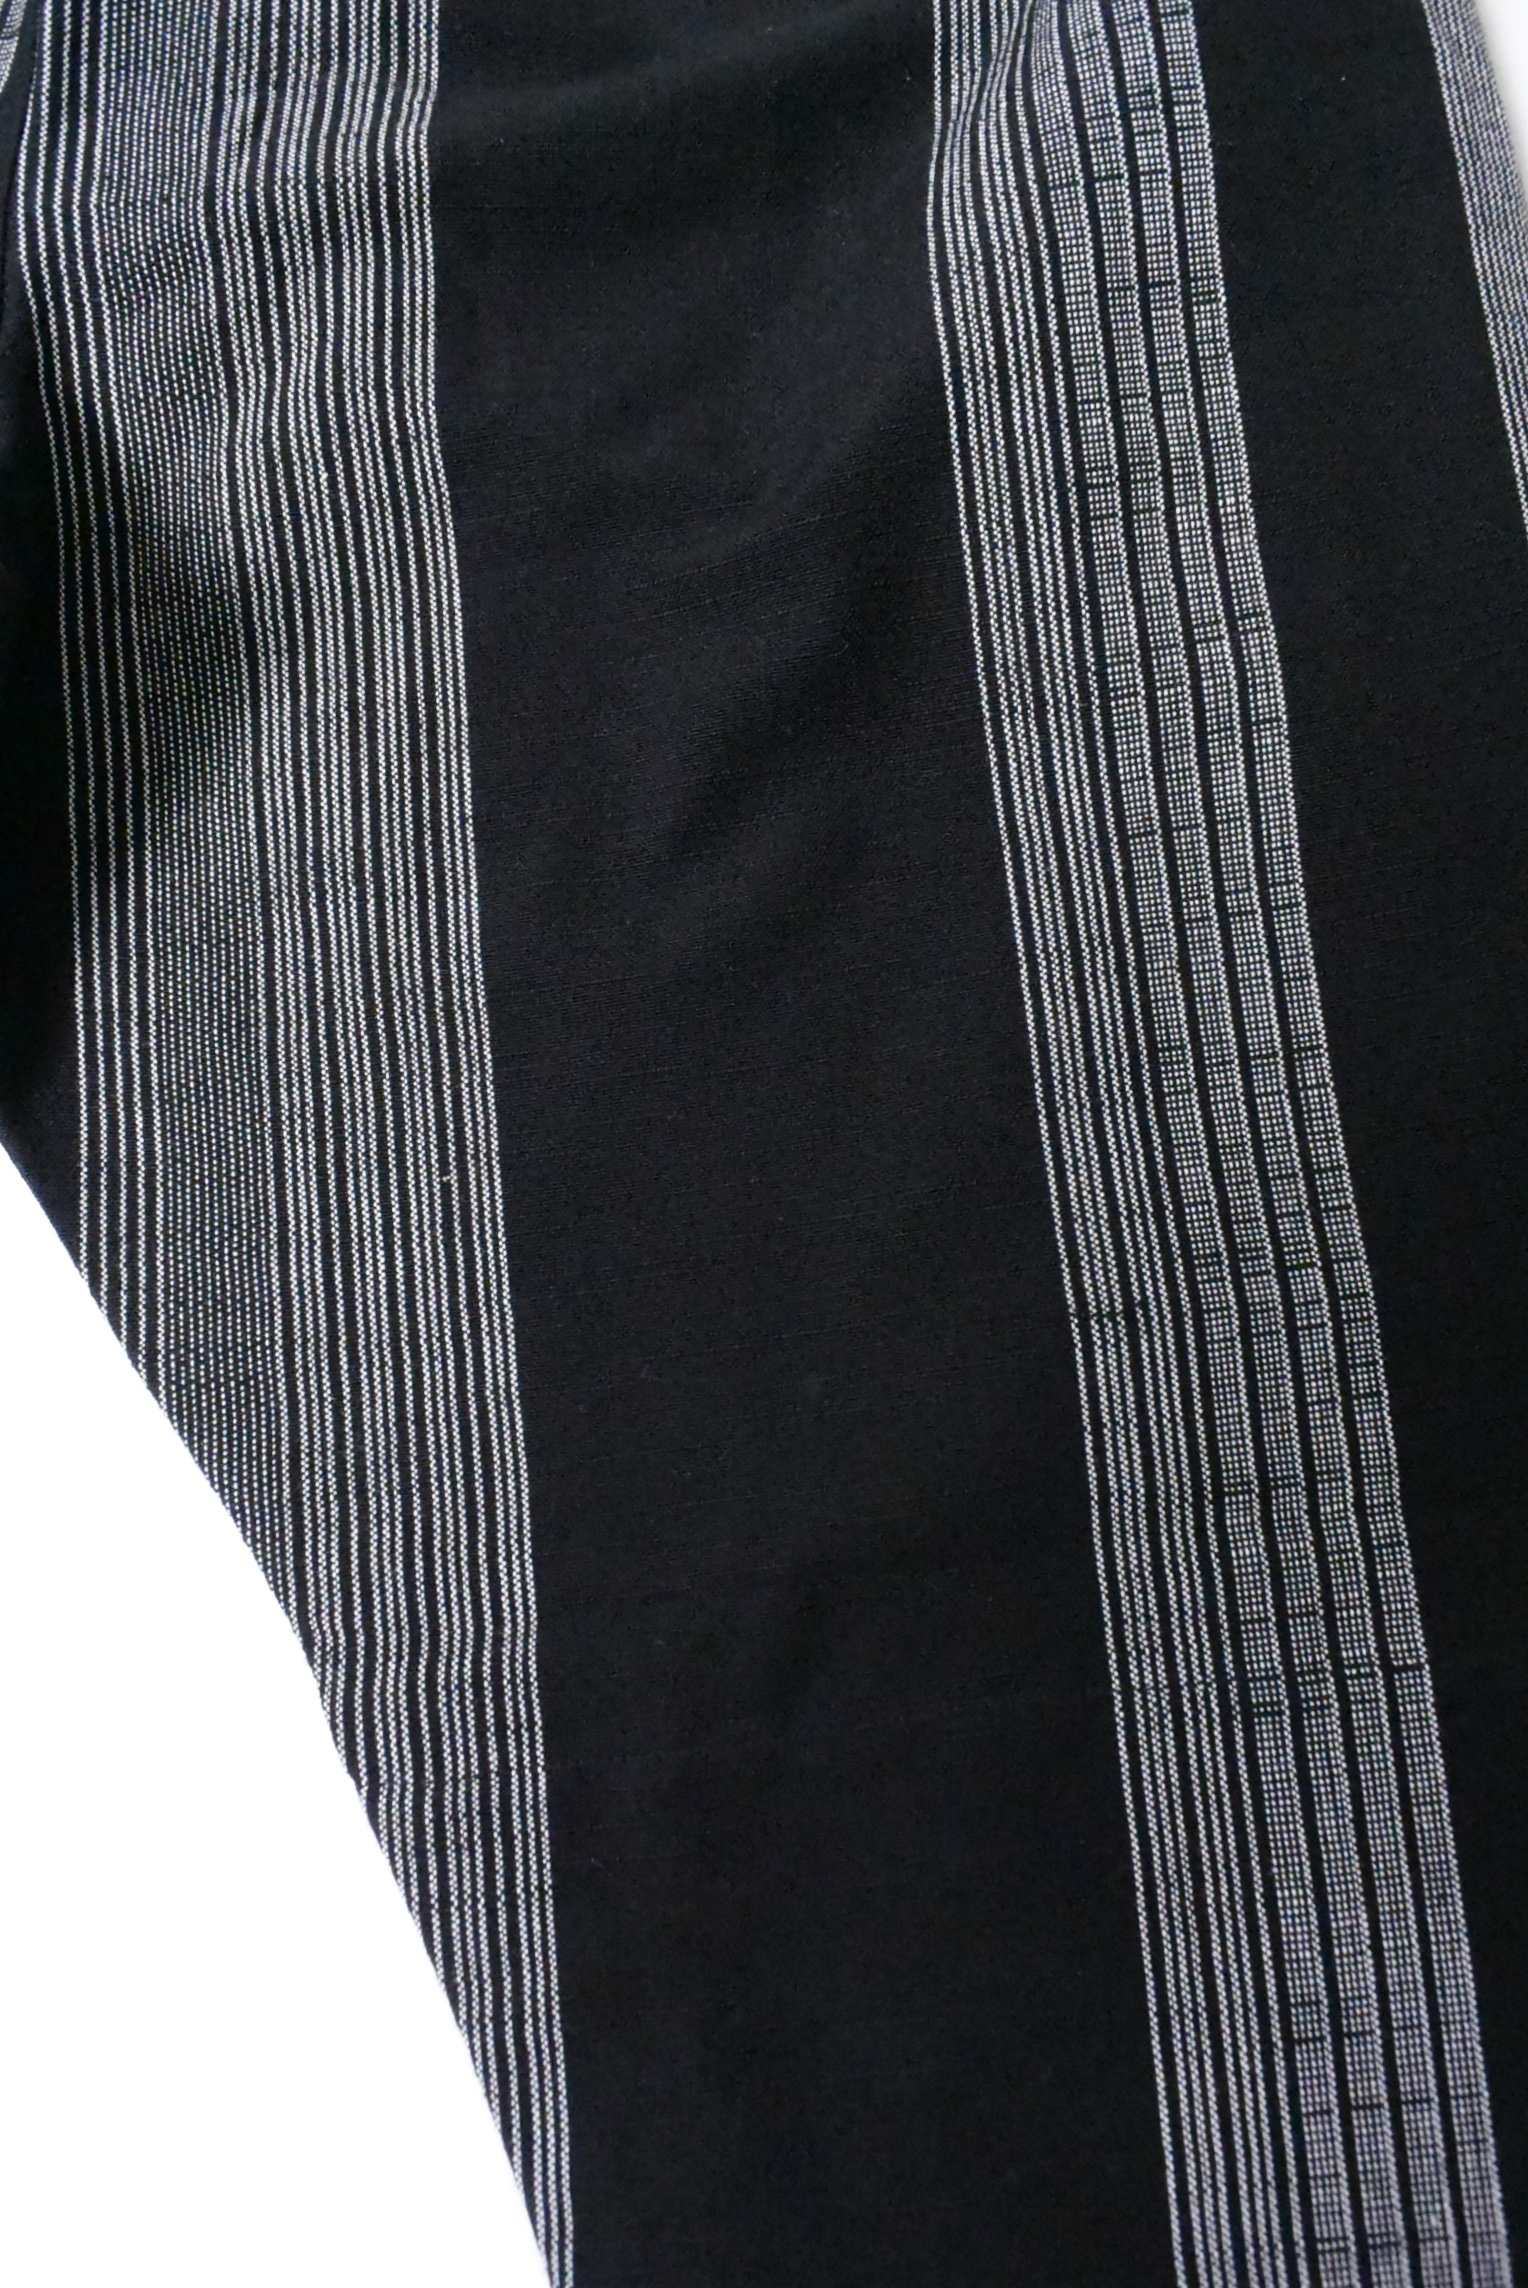 うなぎの寝床 久留米絣もんぺ(五飛十五羽縞 黒/灰) 男女兼用